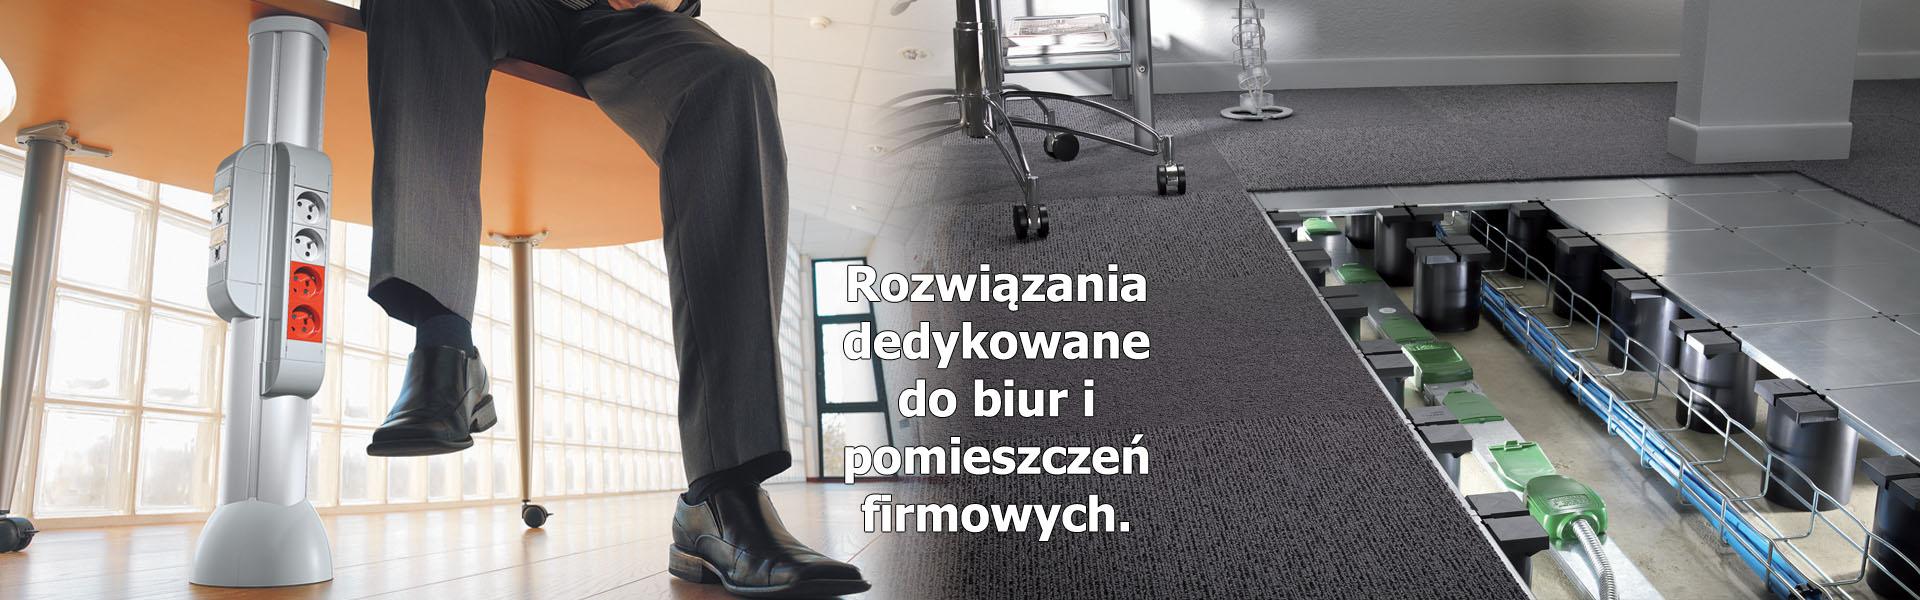 rozwiązania dedykowane do biur